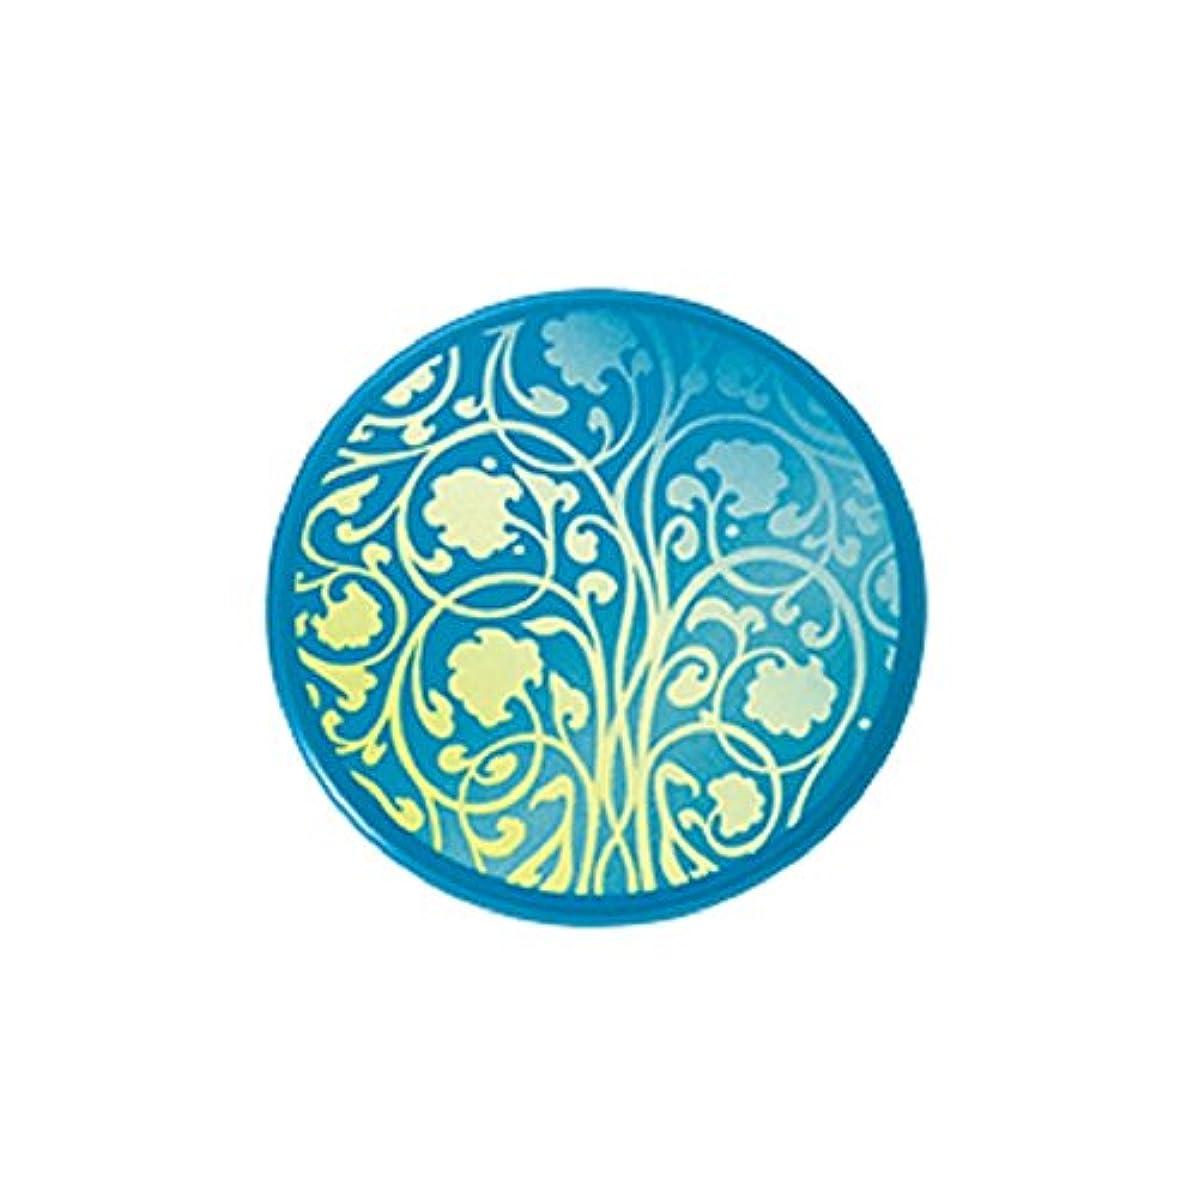 交通渋滞ソーシャル舌なアユーラ (AYURA) ウェルフィット アロマバーム 14g 〈ソリッドパヒューム〉 心地よい森林の香気